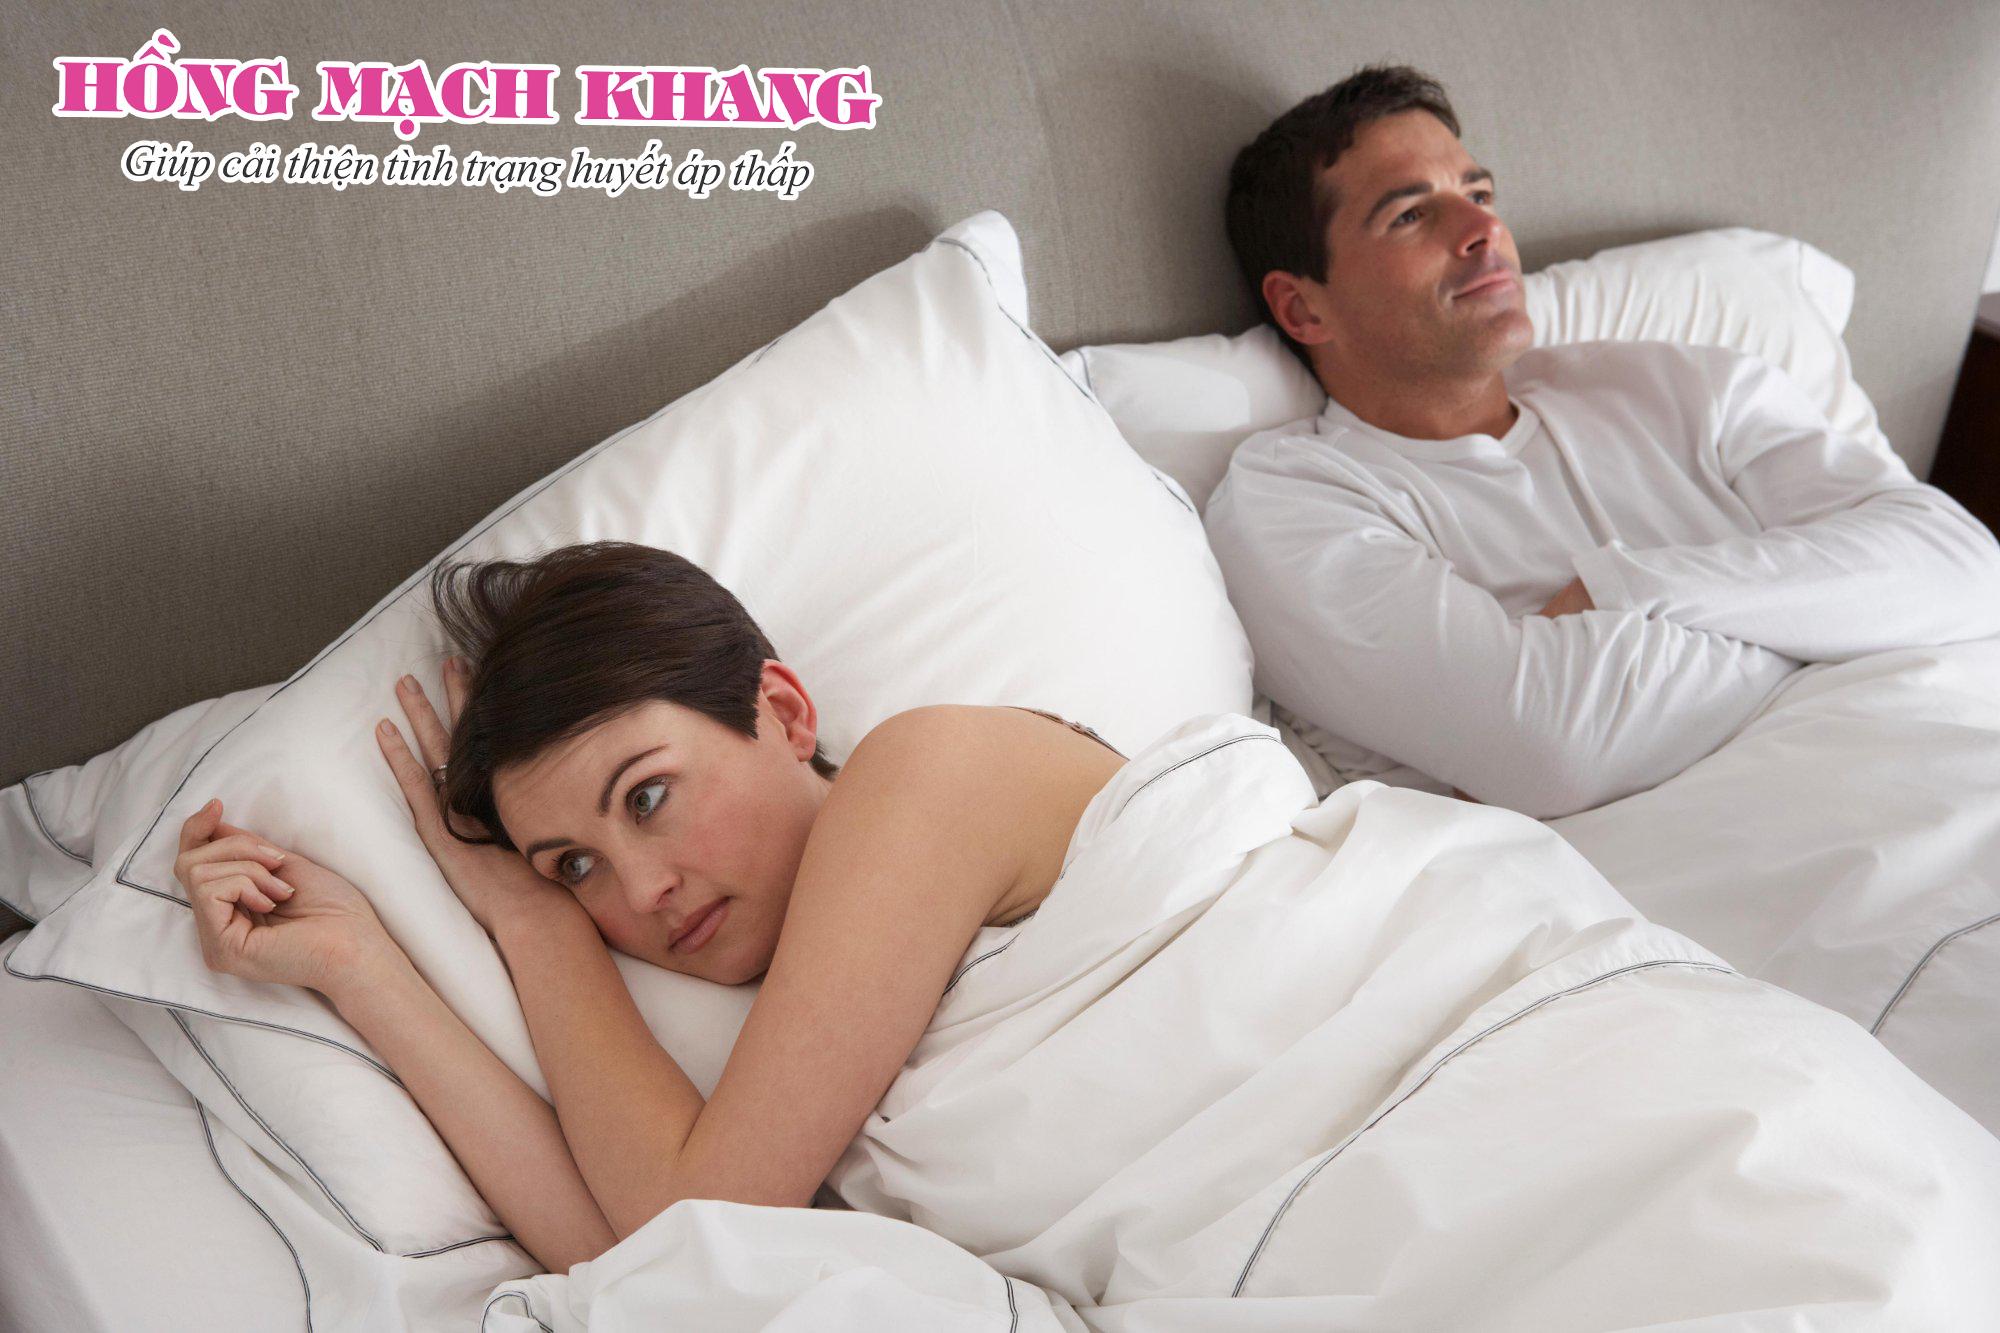 Huyết áp thấp gây suy giảm ham muốn tình dục ở cả nam và nữ